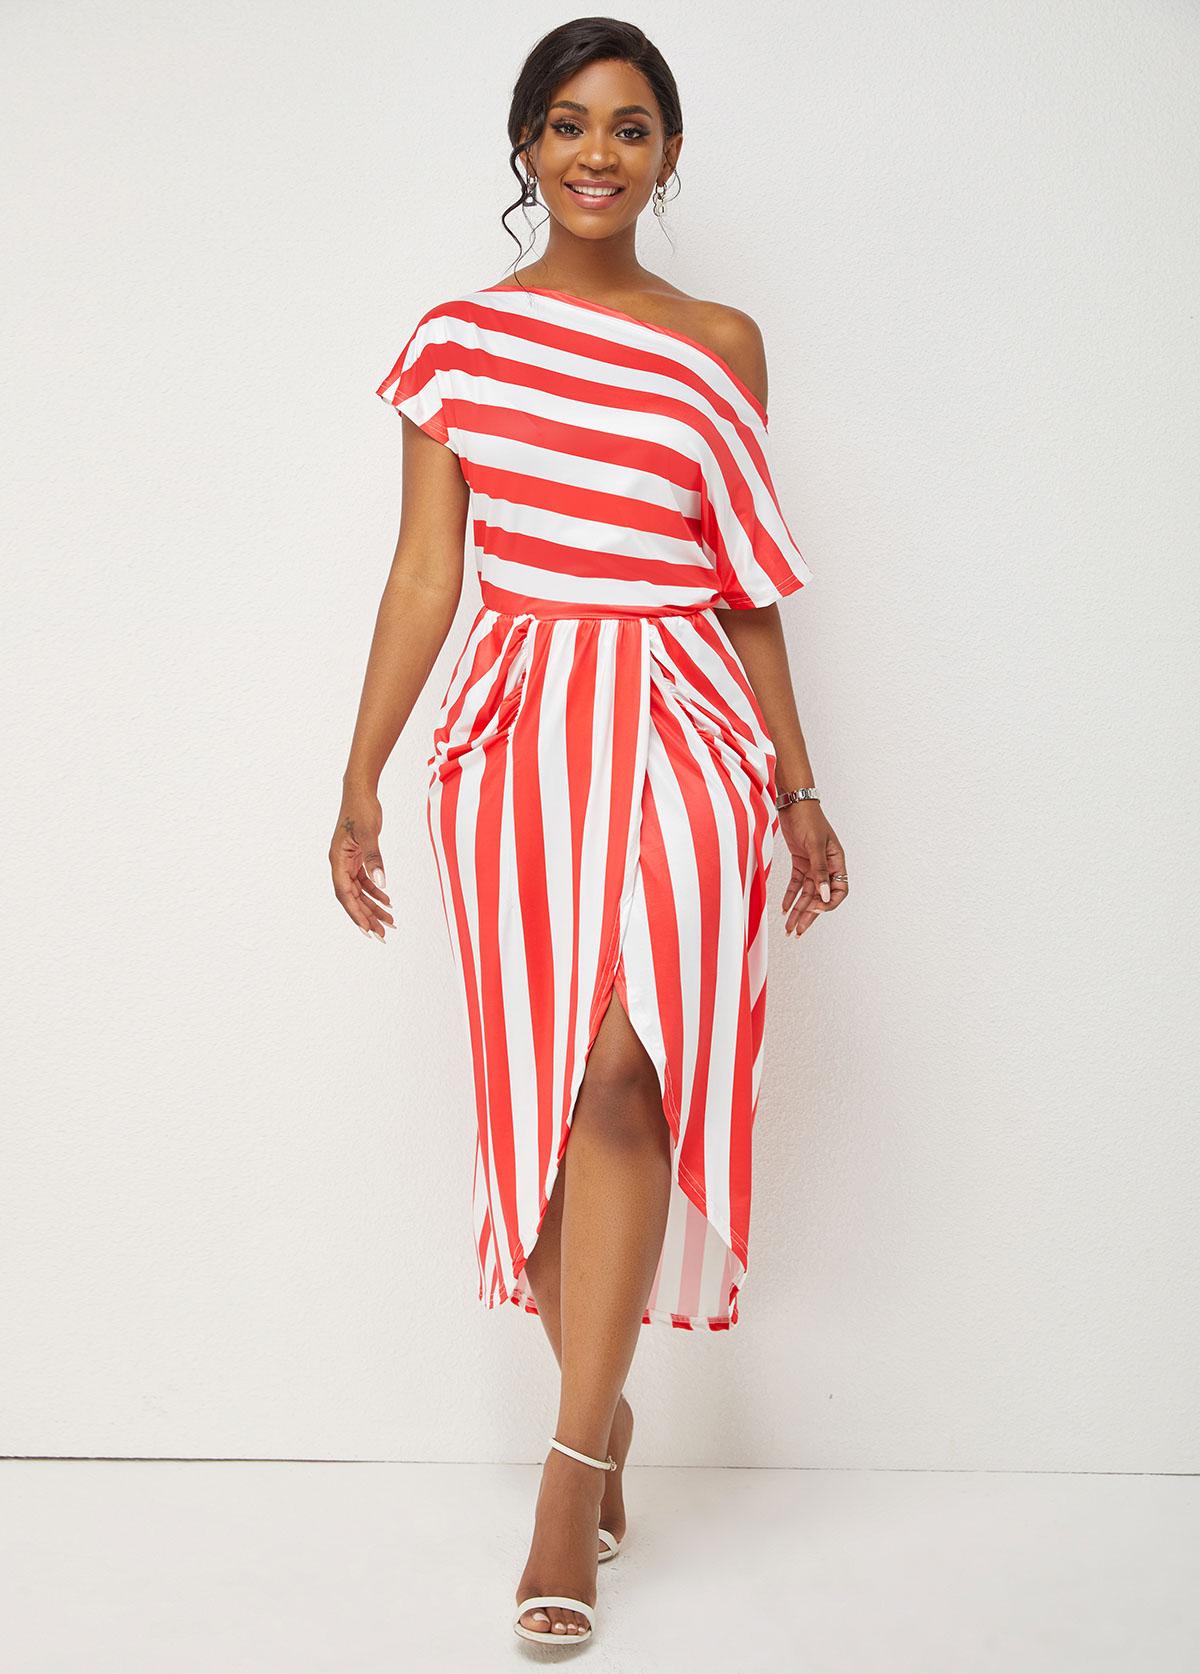 Striped Print Skew Neck One Shoulder Dress